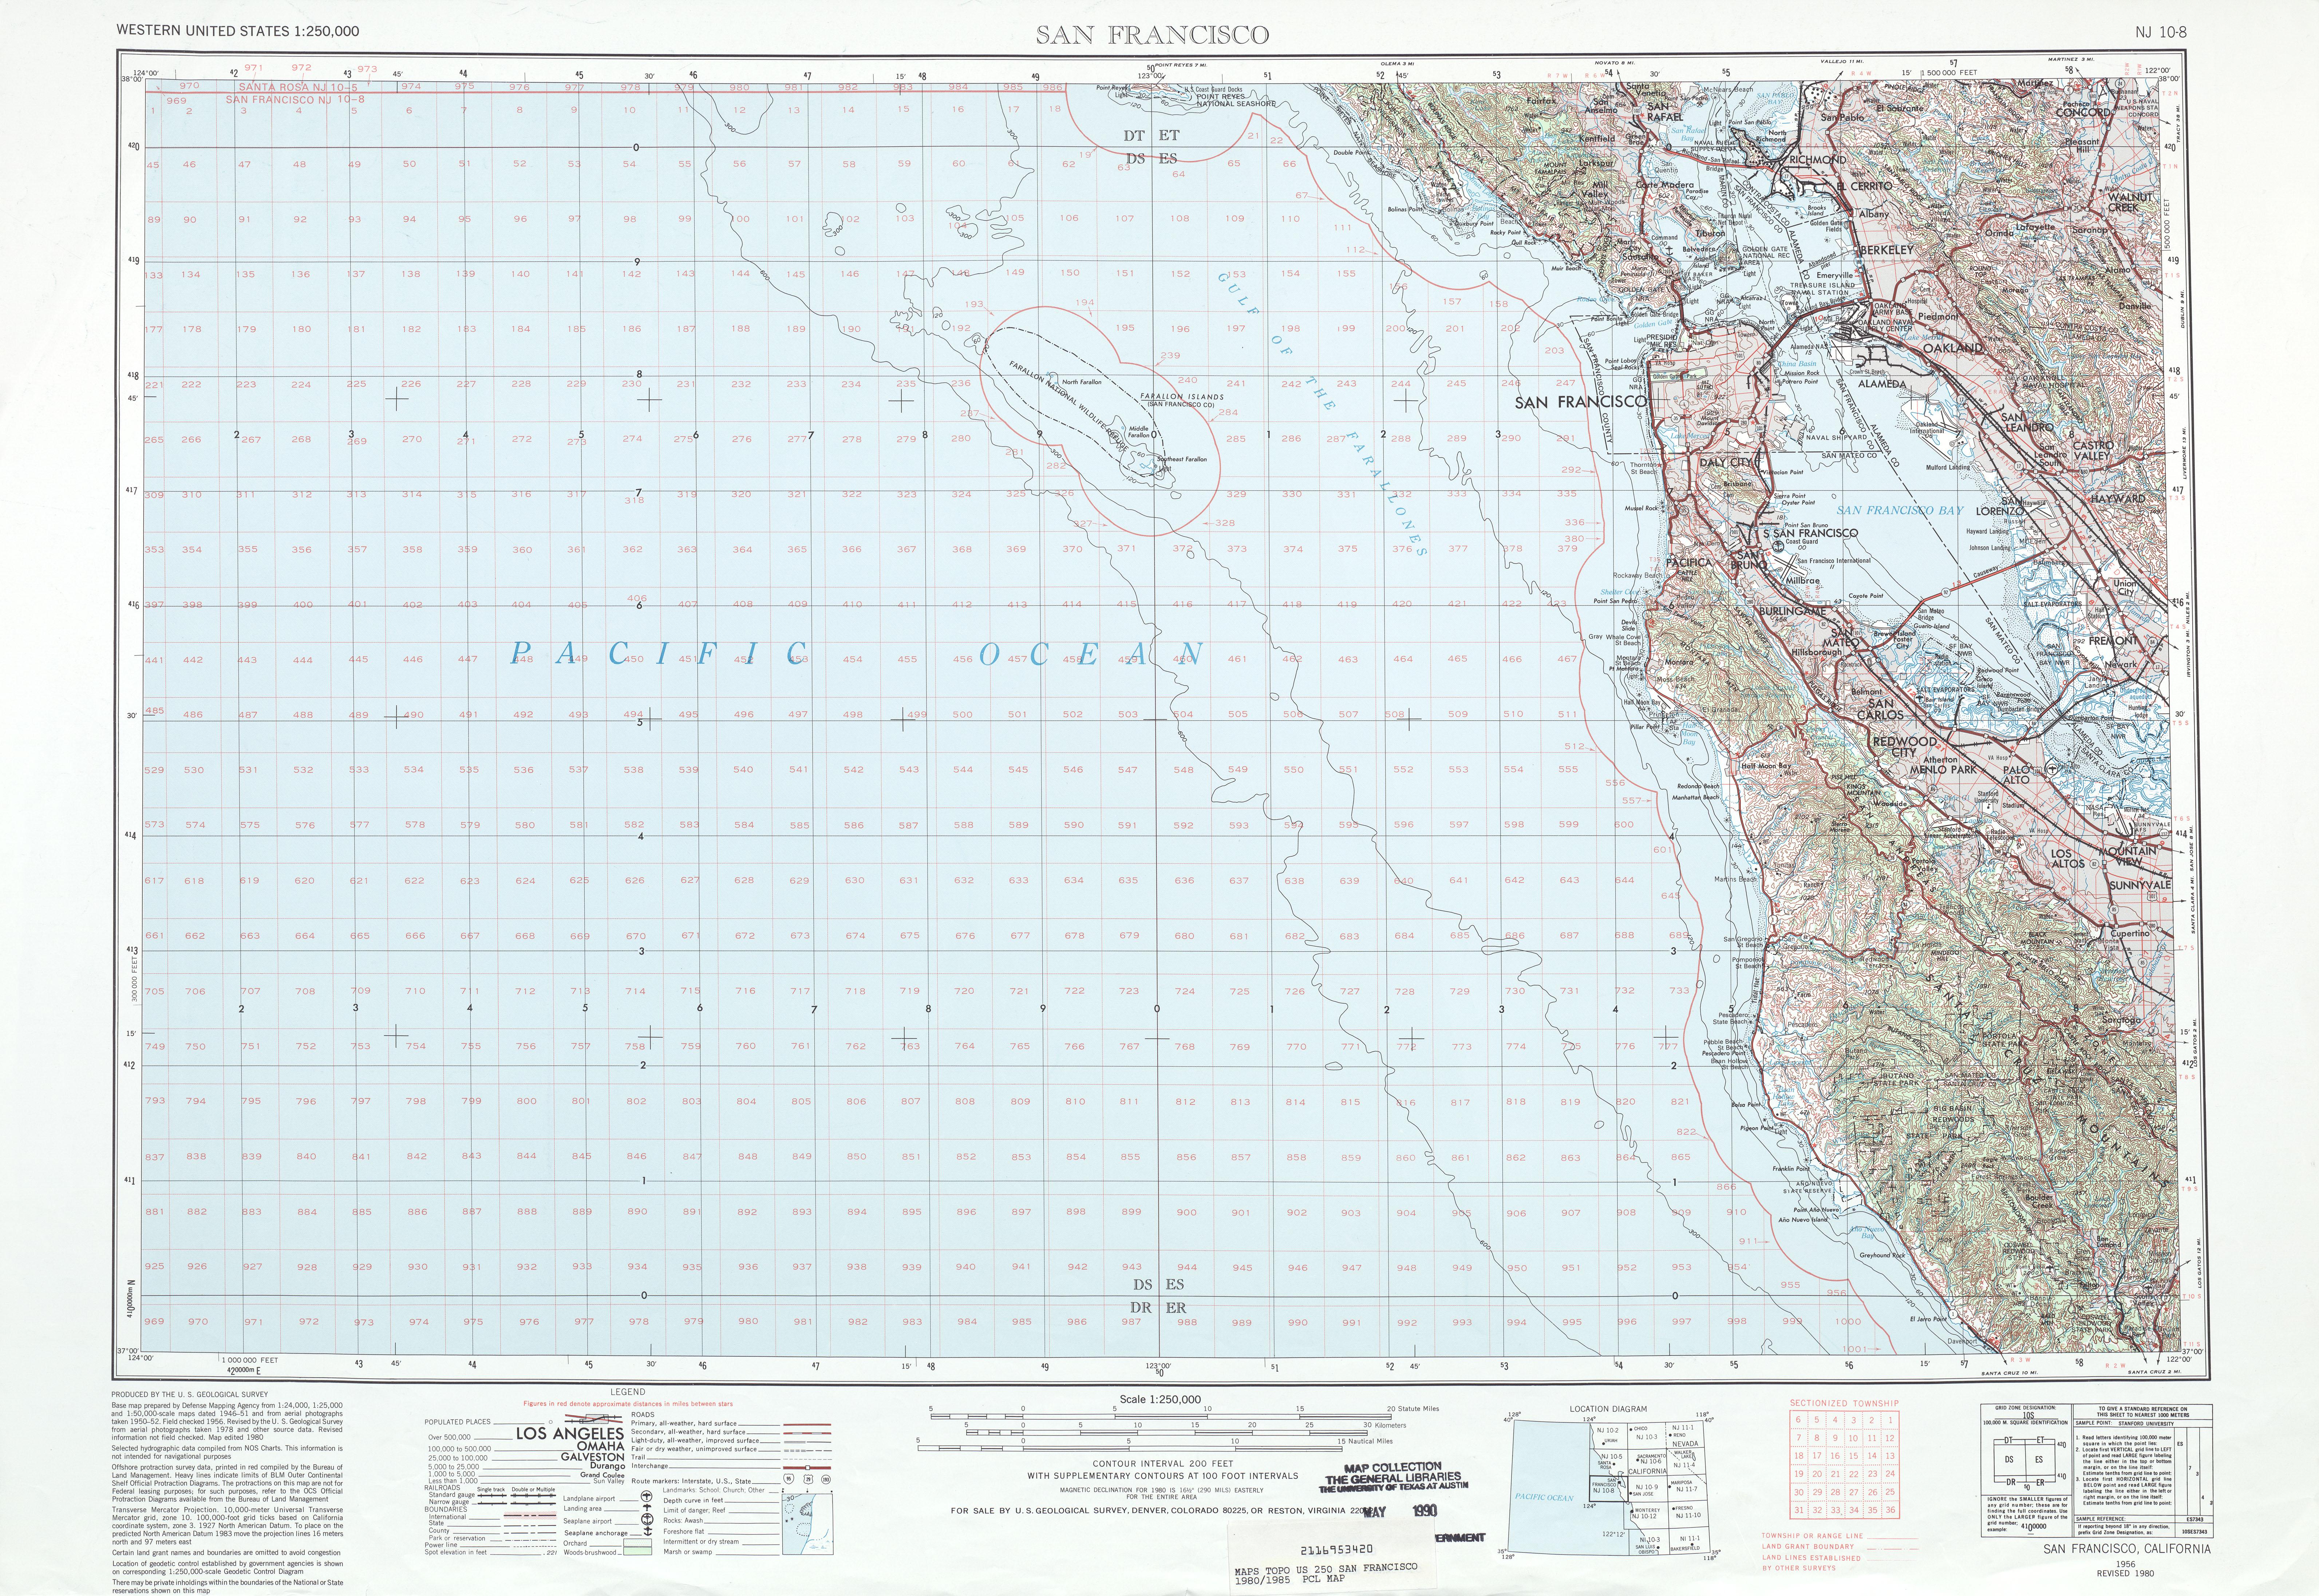 Hoja San Francisco del Mapa Topográfico de los Estados Unidos 1980